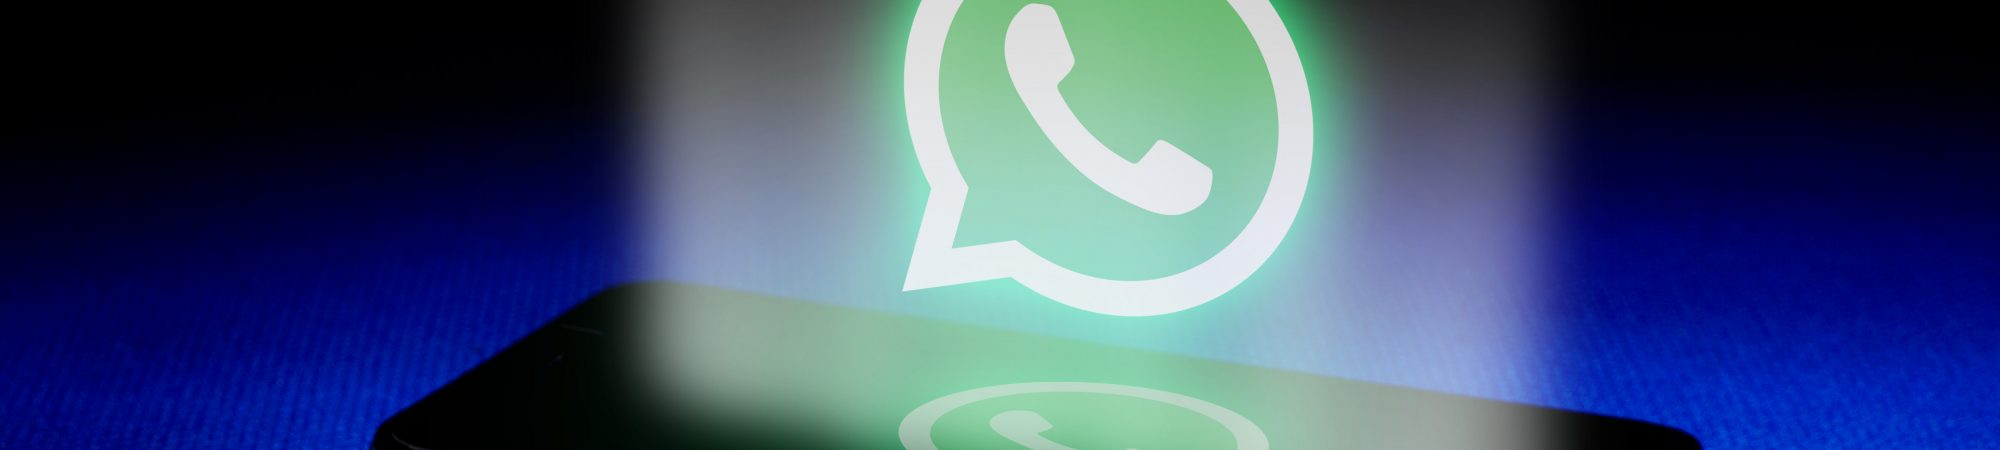 WhatsApp lança recurso para silenciar vídeos antes de compartilhar